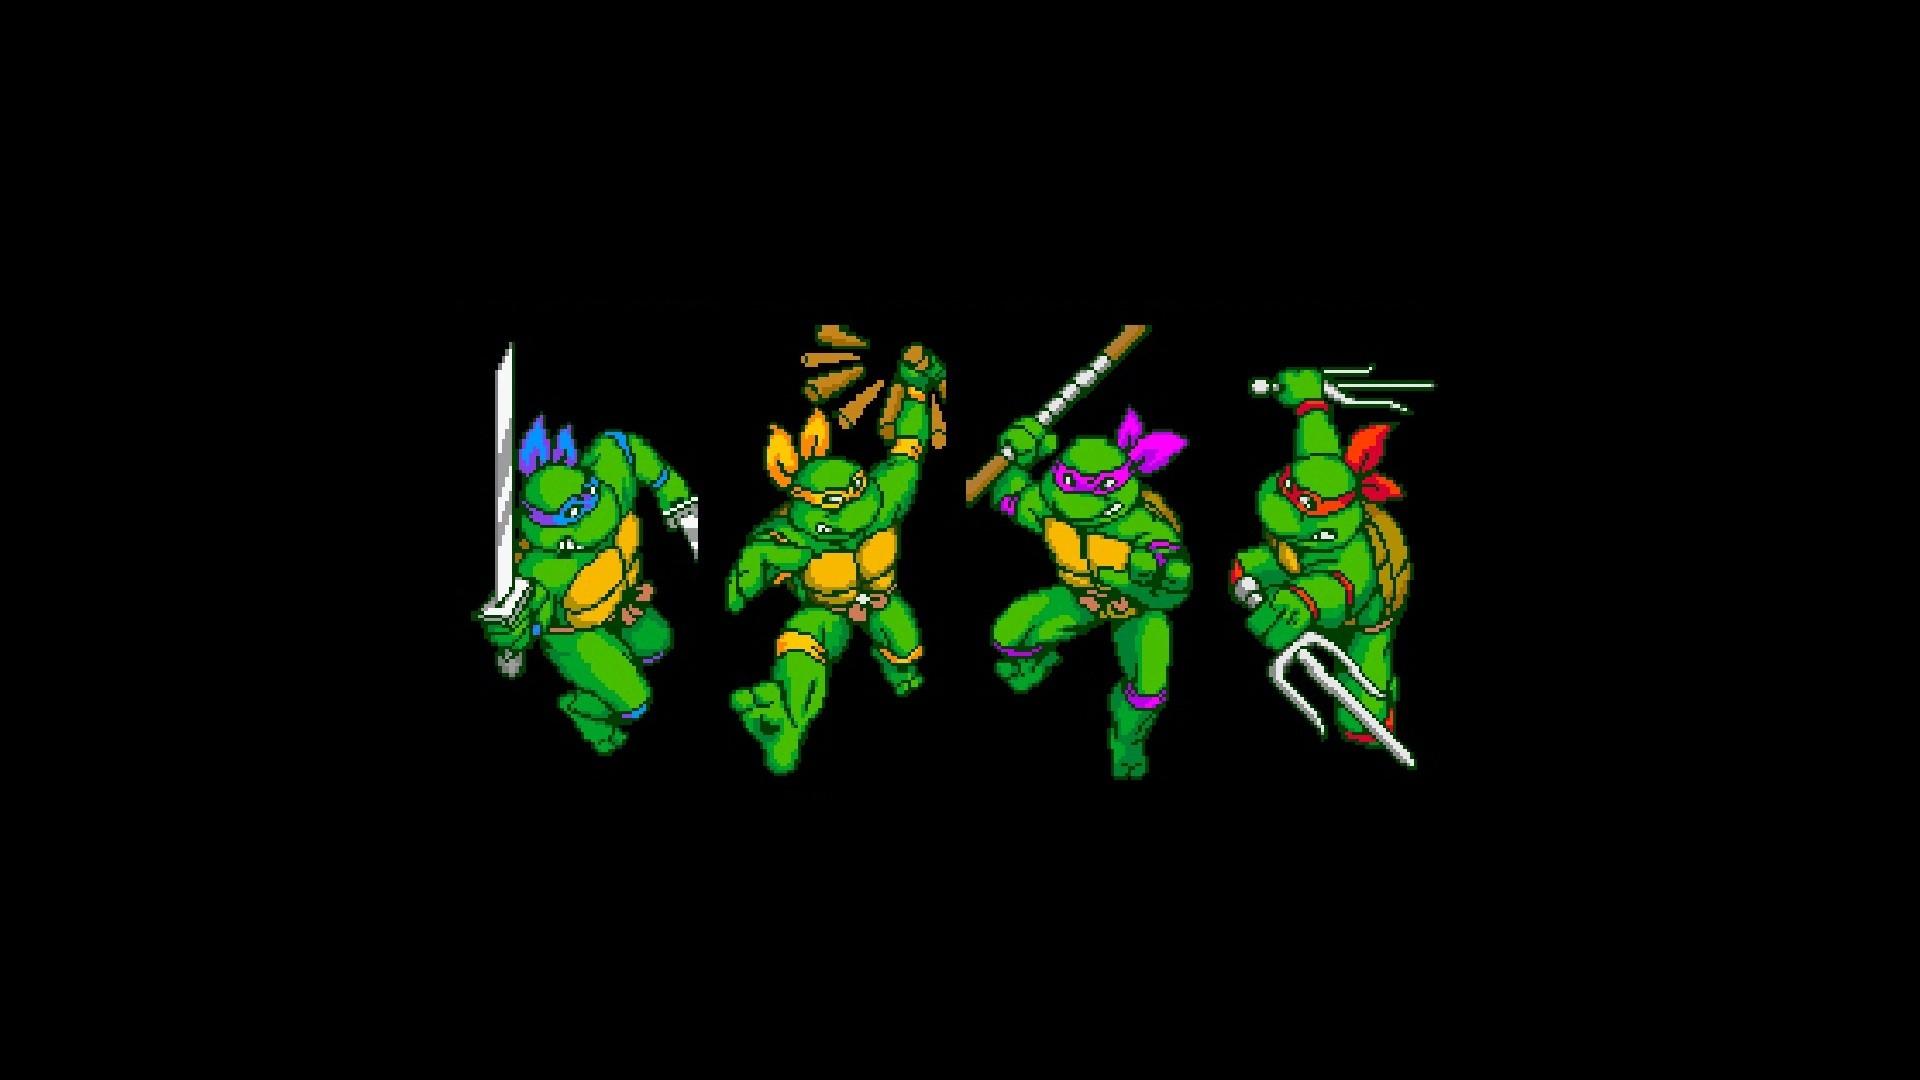 Baby Kung Fu Panda Cute Wallpaper 2 Teenage Mutant Ninja Turtles Iv Turtles In Time Hd